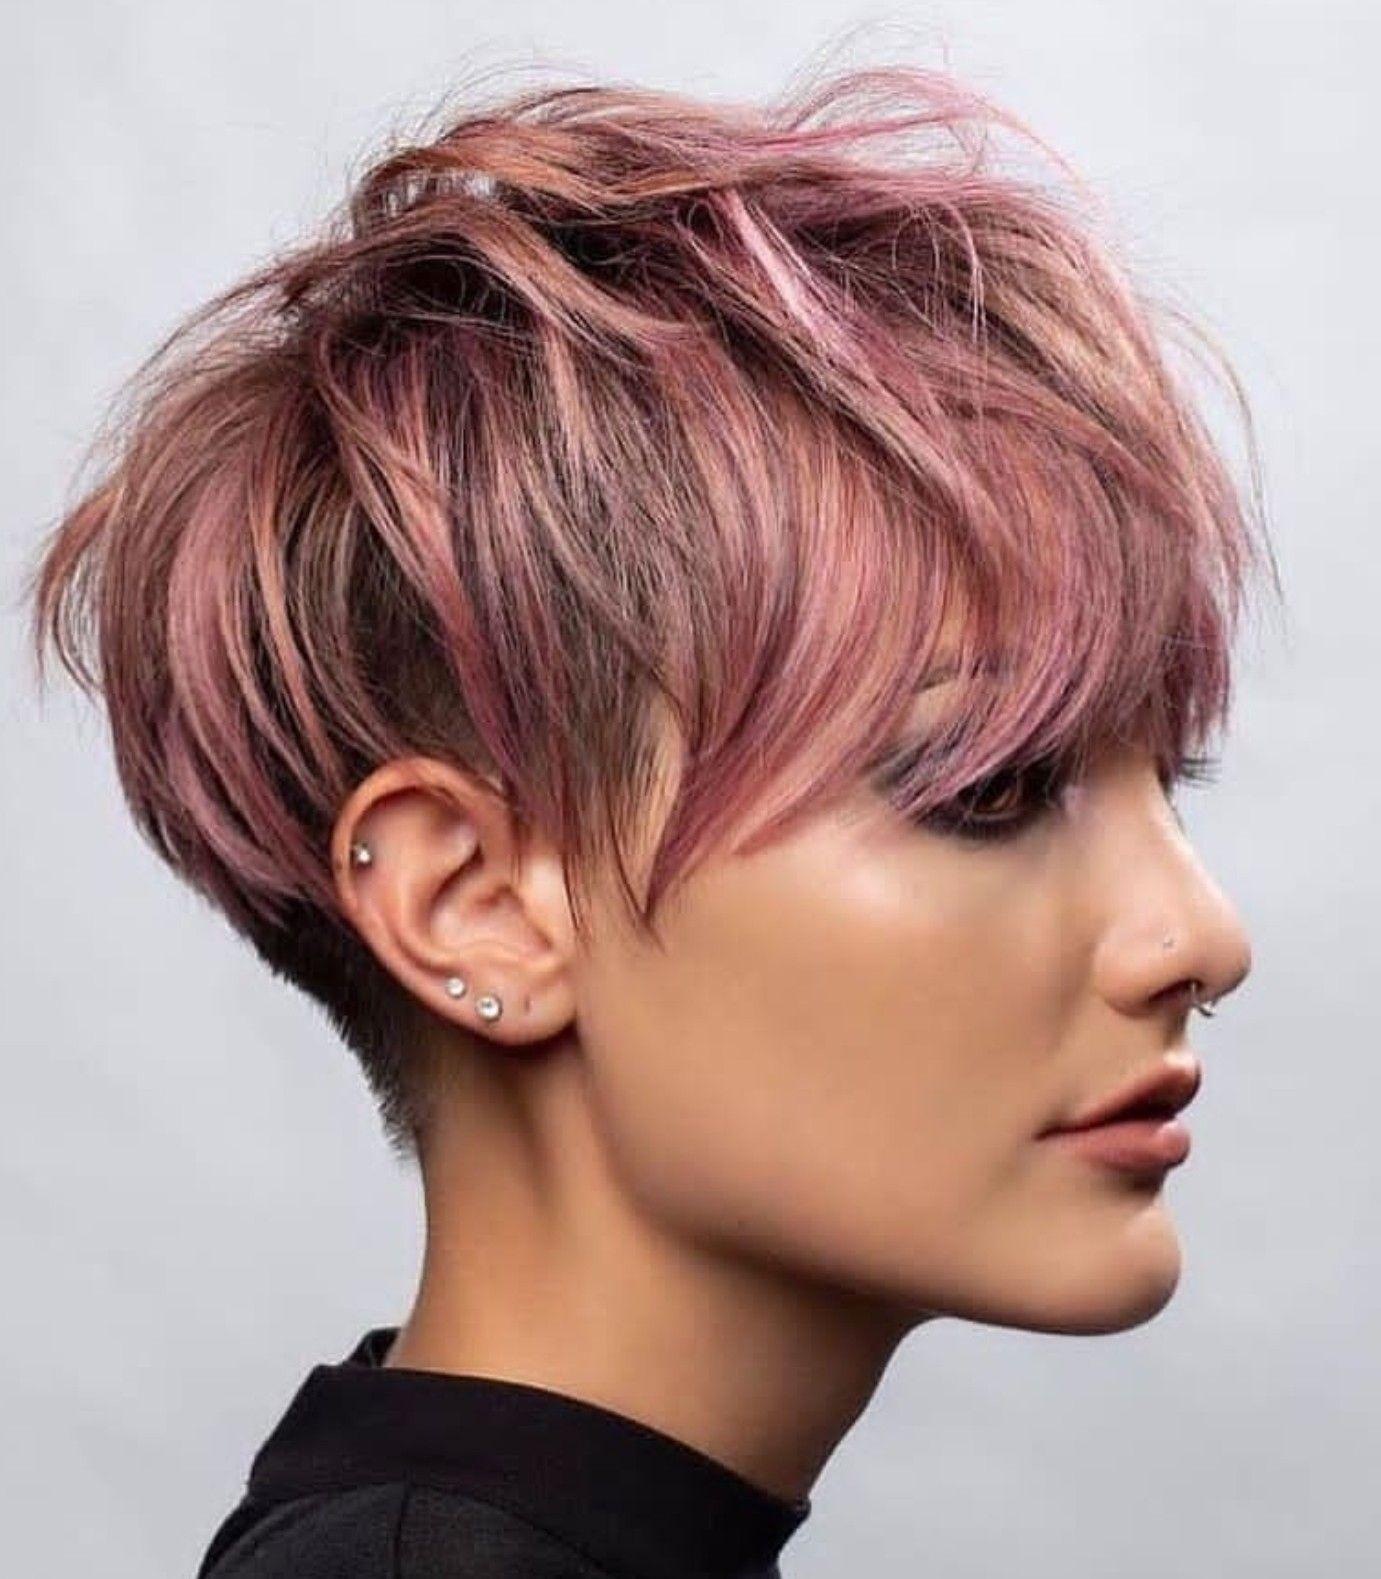 Pink Shirt Haircut Avedaibw Hair Styles Thick Hair Styles Pixie Haircut